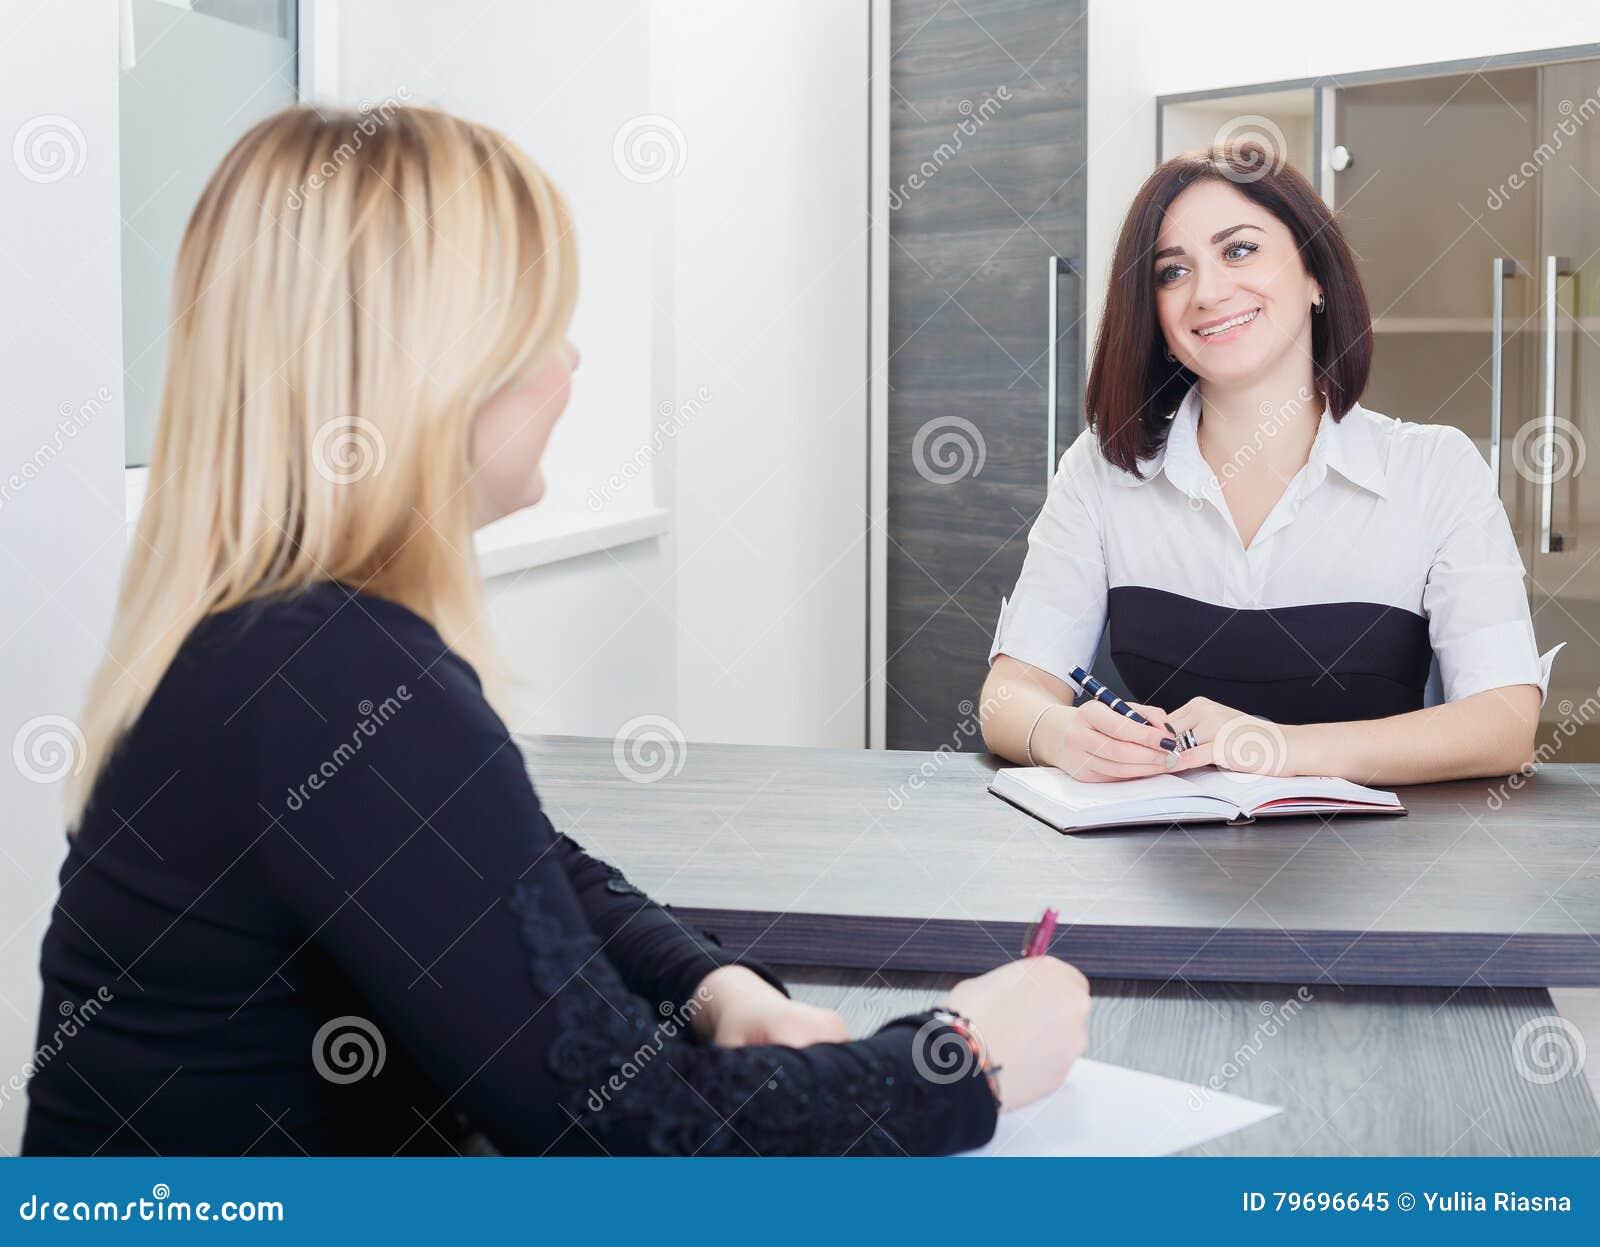 Två kvinnor som sitter på en tabell i kontoret Blondin och brunett på jobbintervju eller möte